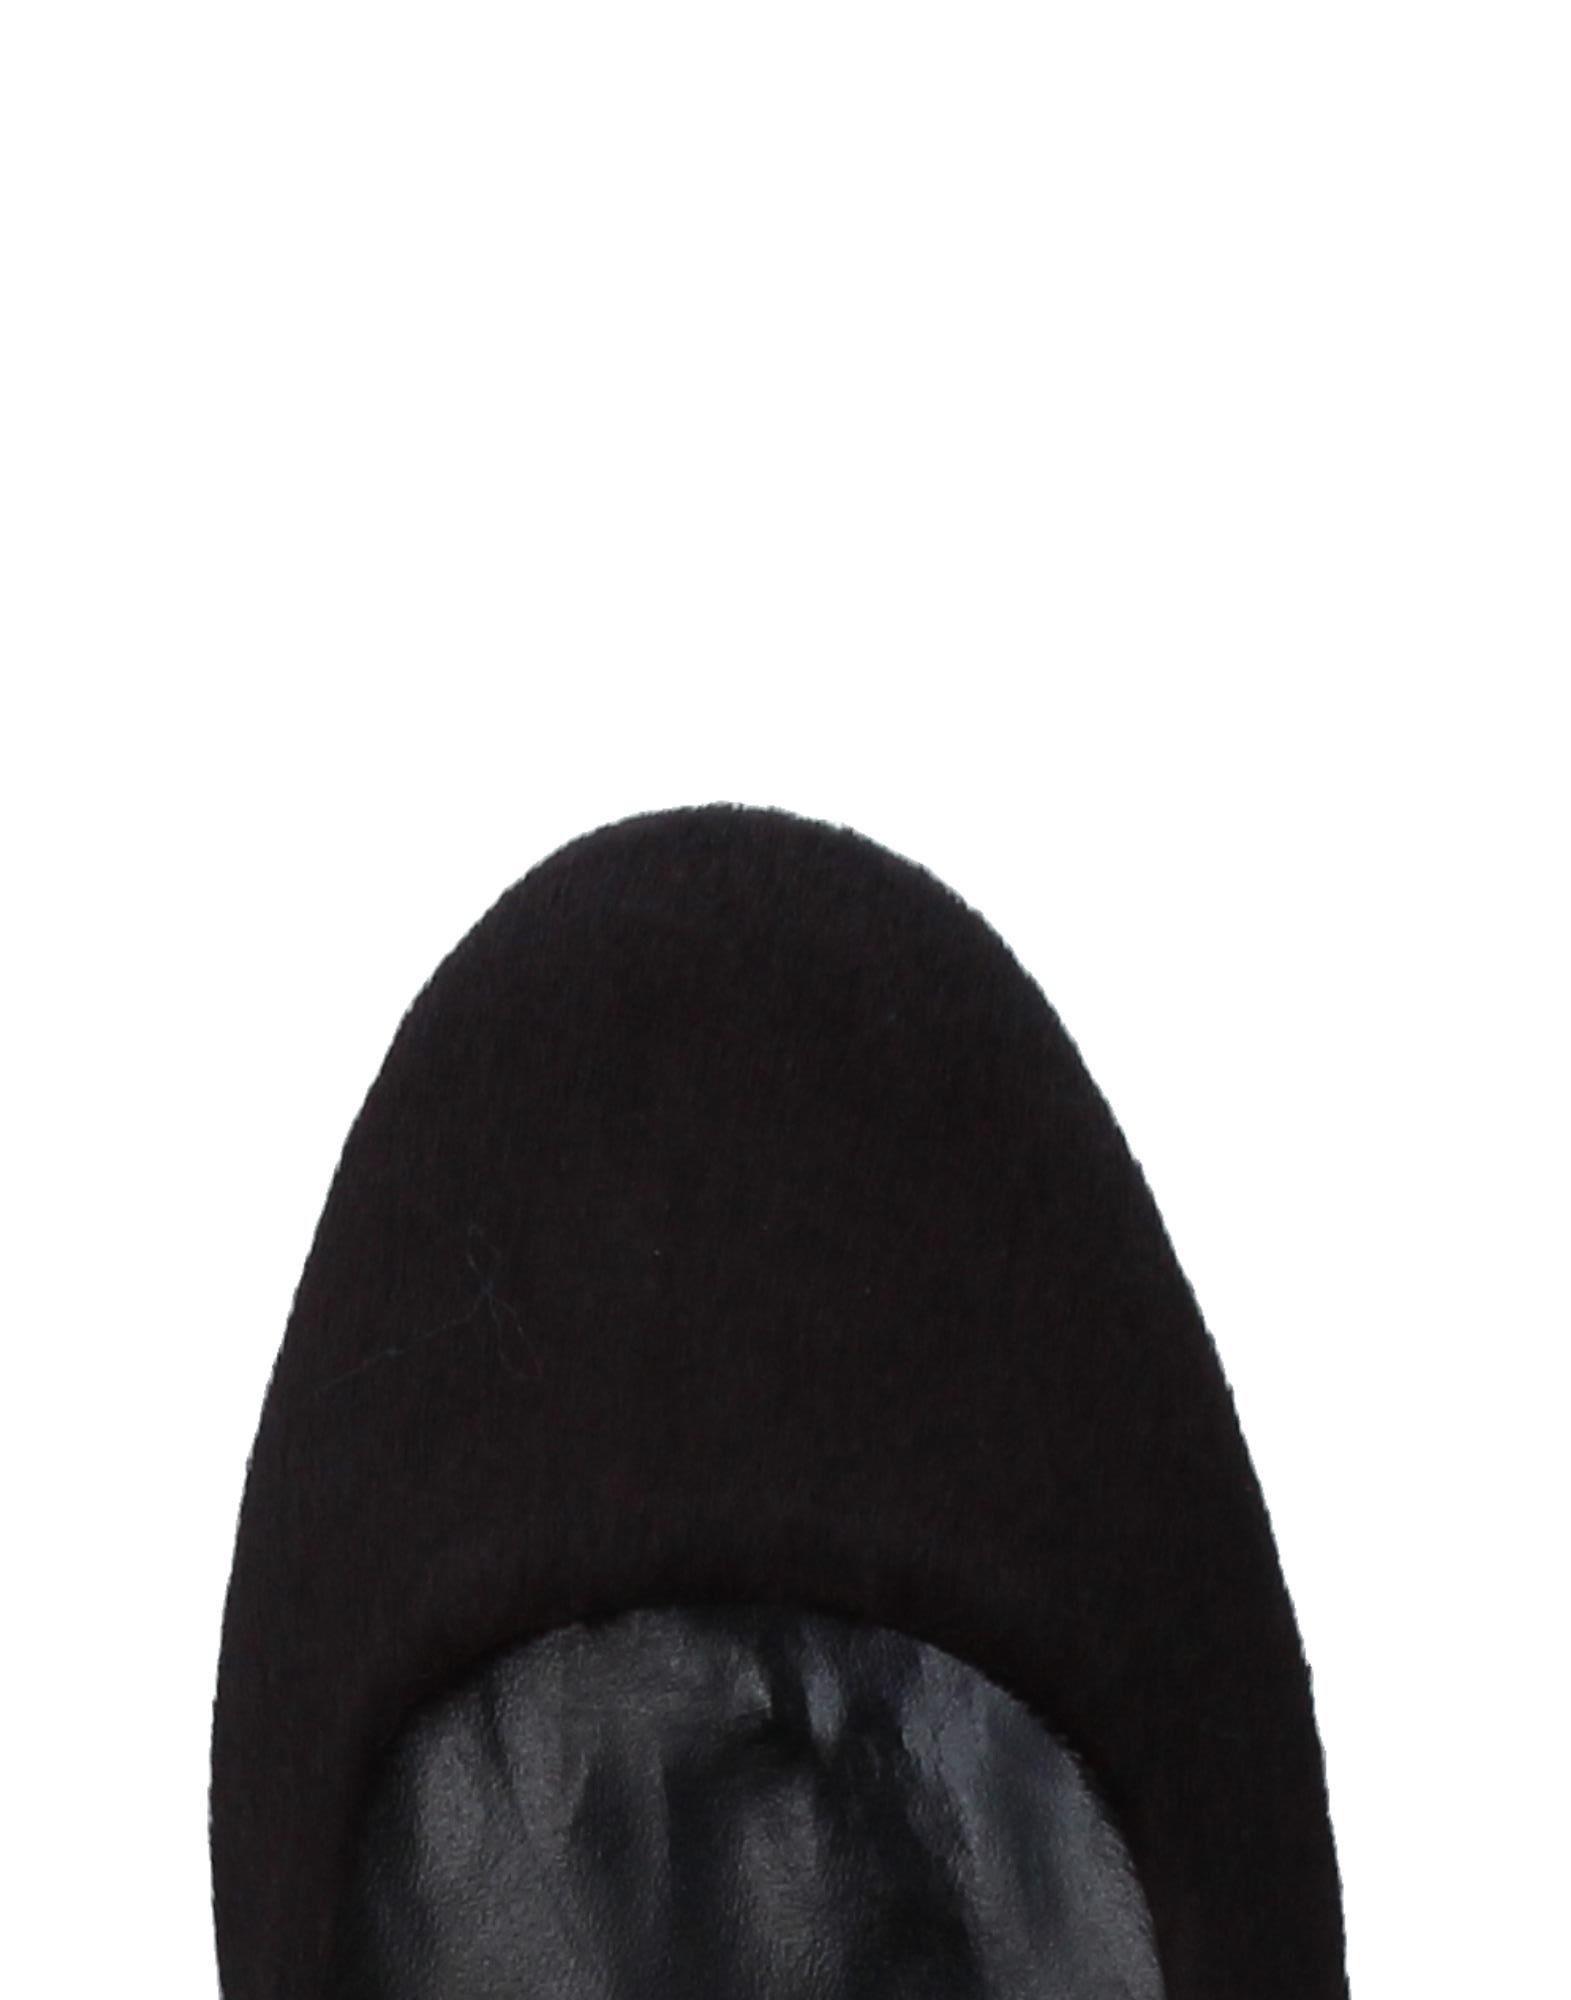 Gianni Marra Pumps Damen Gute  11330679XK Gute Damen Qualität beliebte Schuhe a59e94